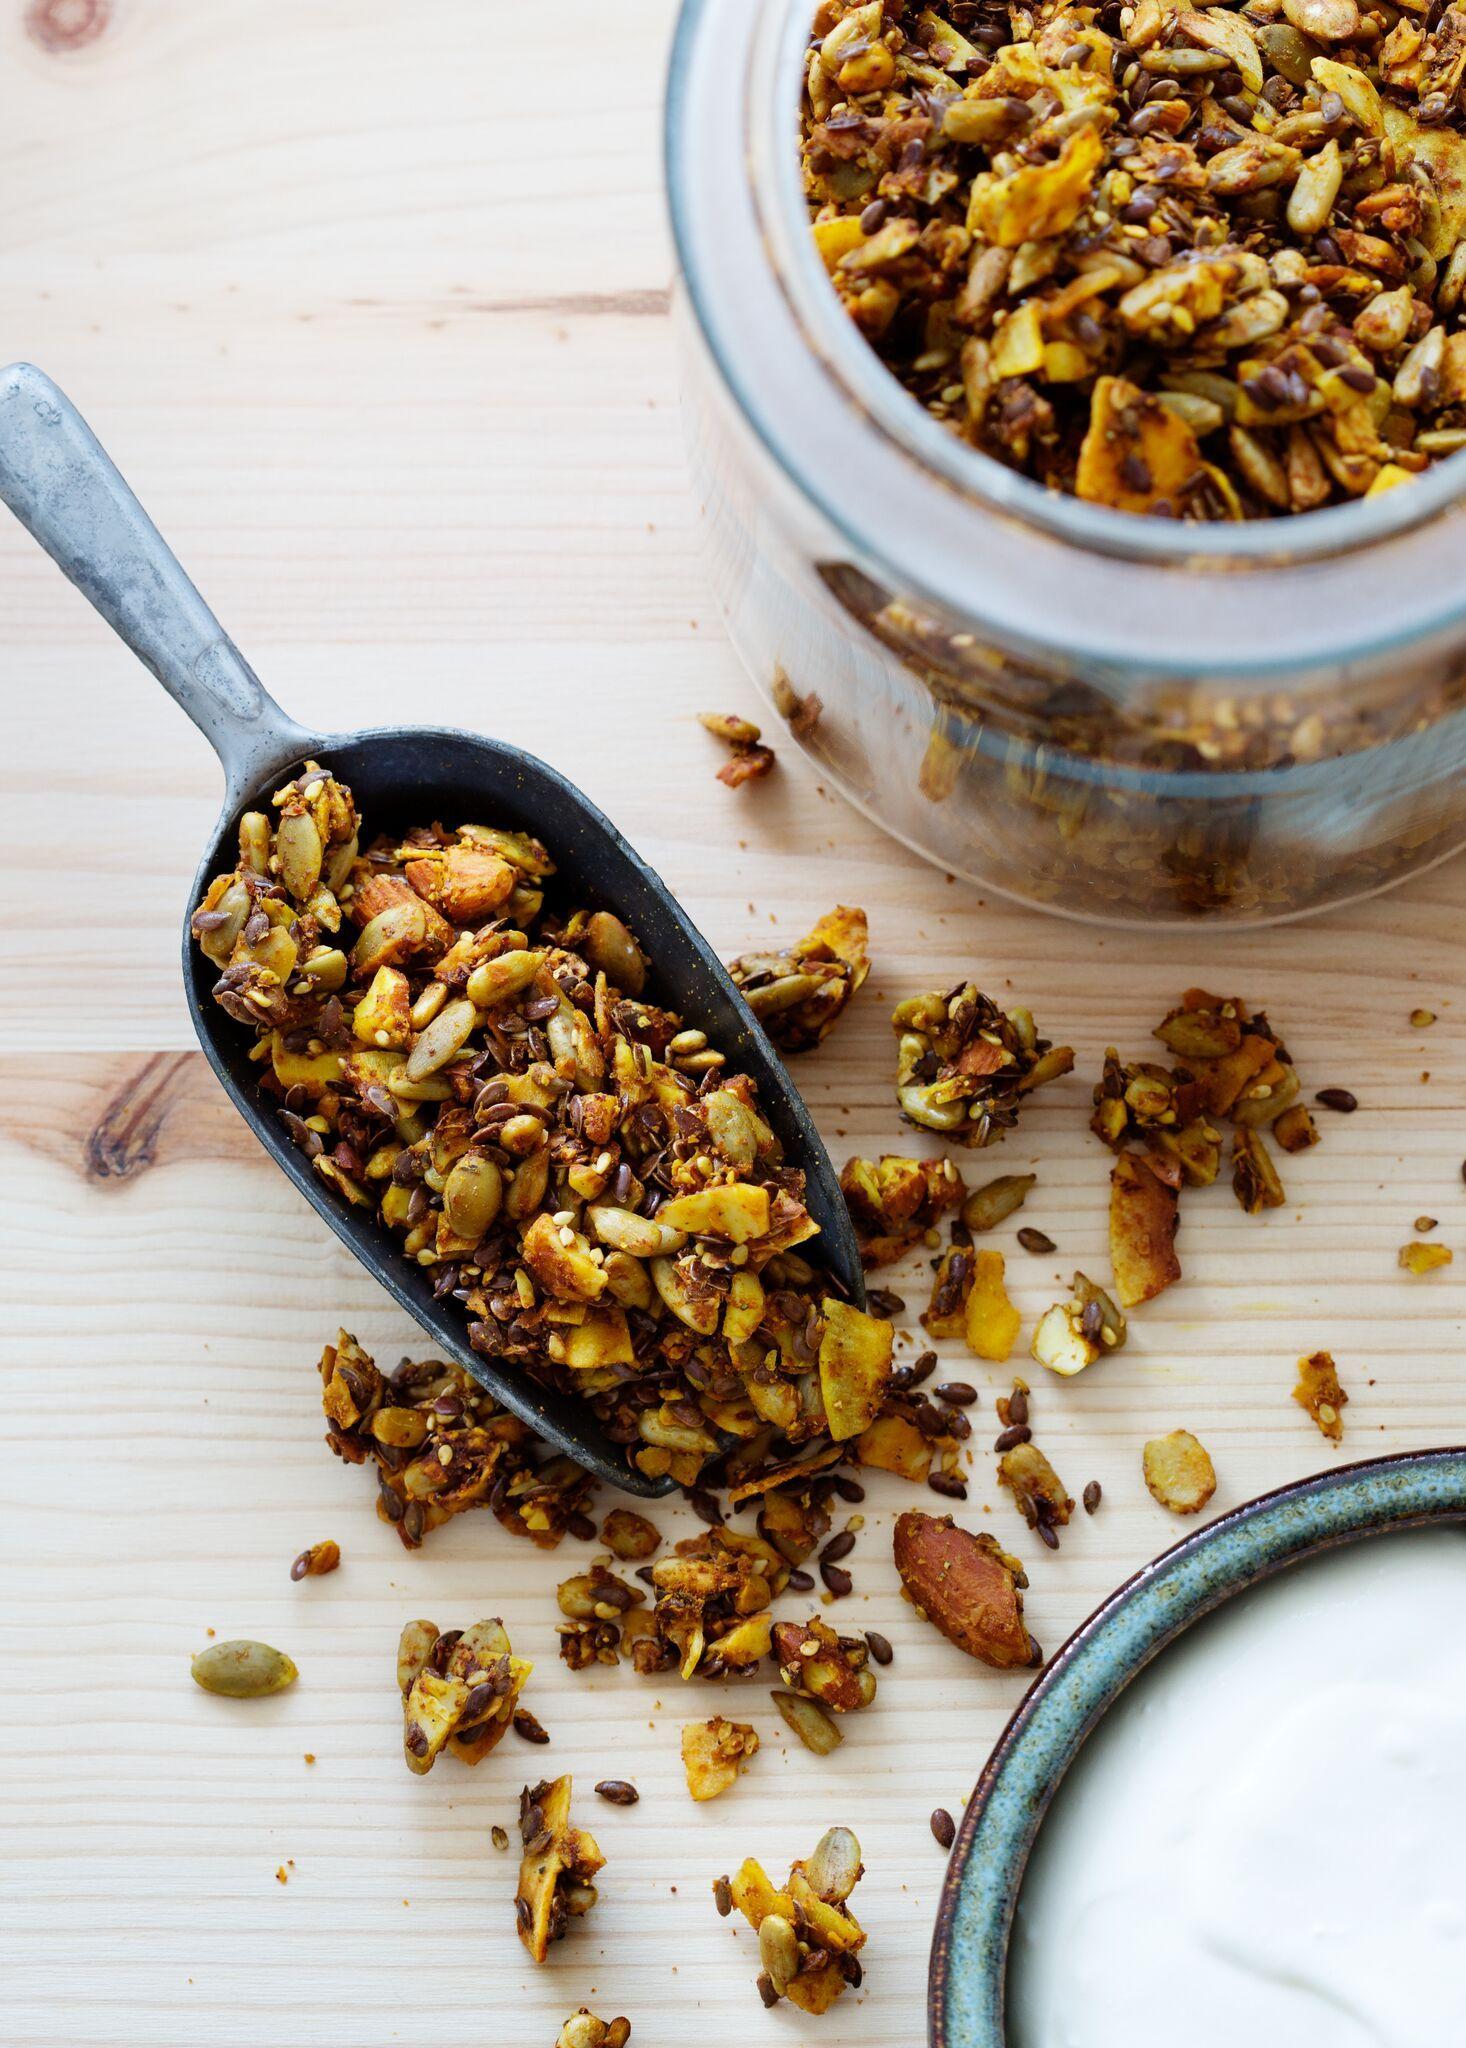 Egen hemgjord müsli är guld värd. Tillsammans med fet grekisk yoghurt fixar du snabbt en mättande frukost på morgonkvisten. Gurkmejan ger fin färg och extra boost.